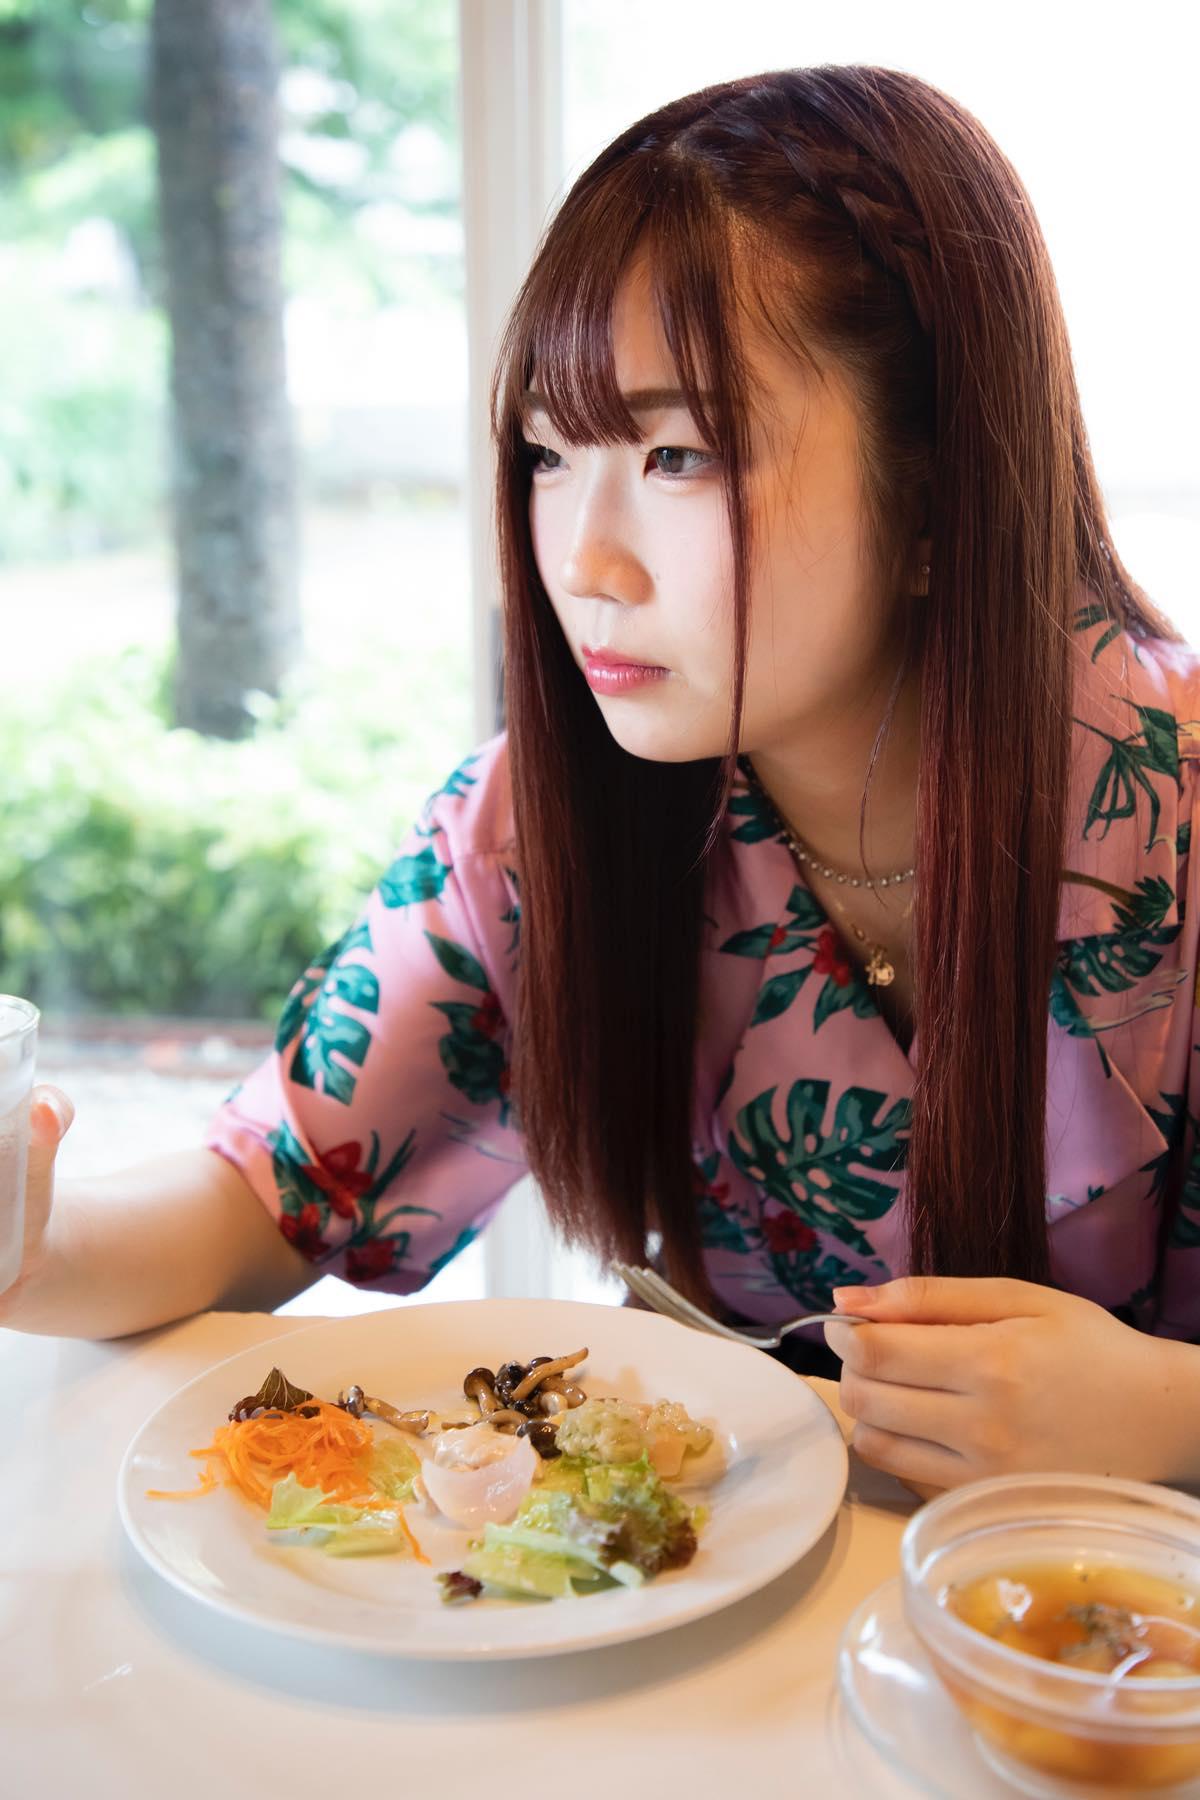 米田みいな「野菜で感情めちゃくちゃに⁉」【写真75枚】【連載】ラストアイドルのすっぴん!vol.23の画像039